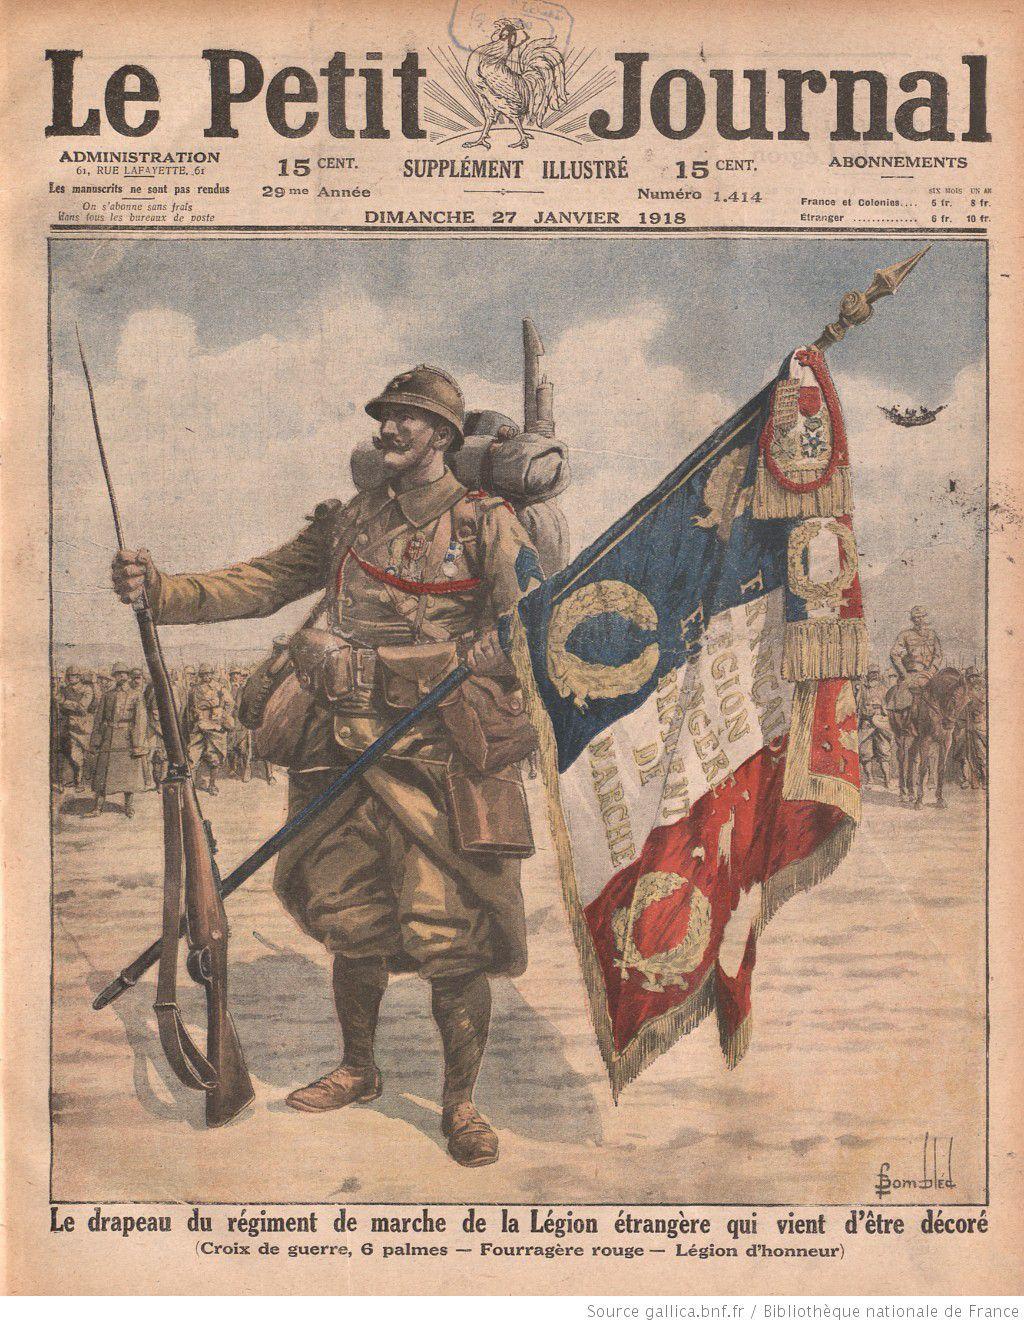 1918 for Le journal de la